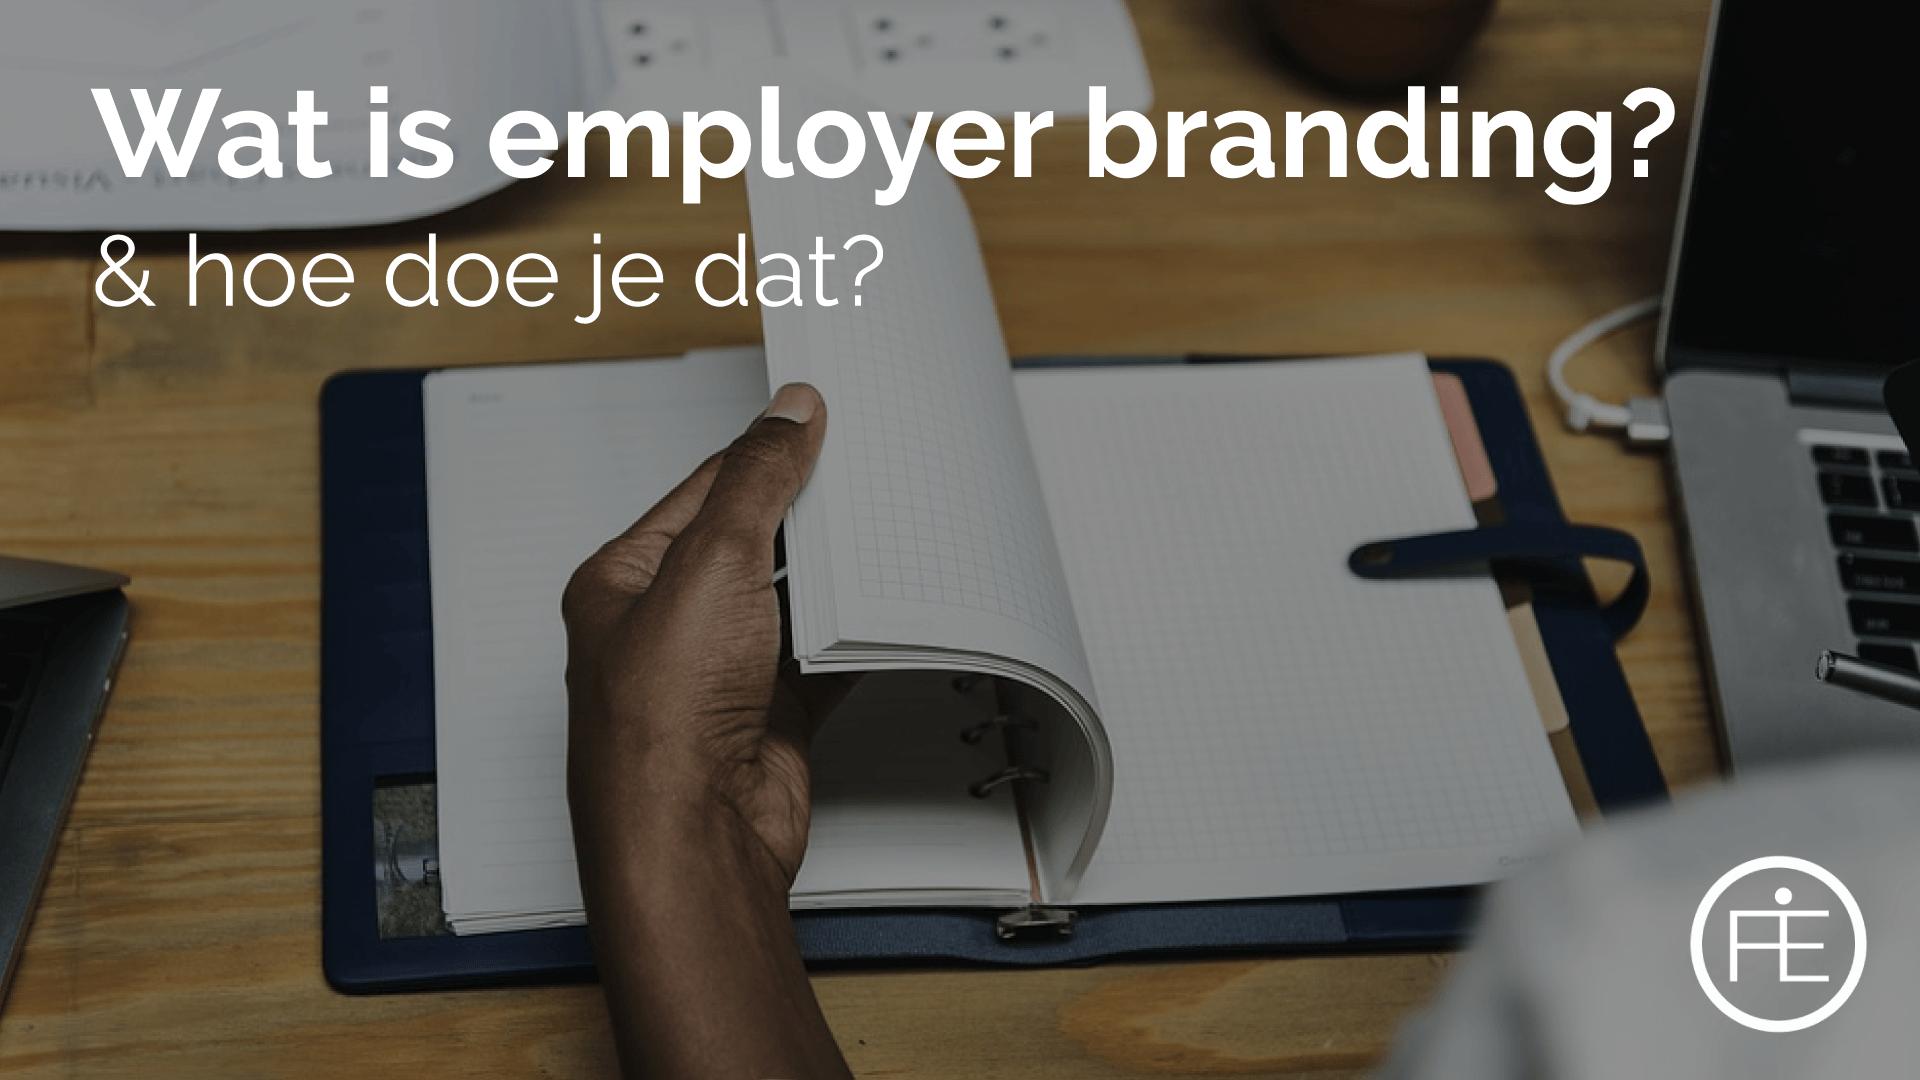 wat-is-employer-branding-blog-afbeelding